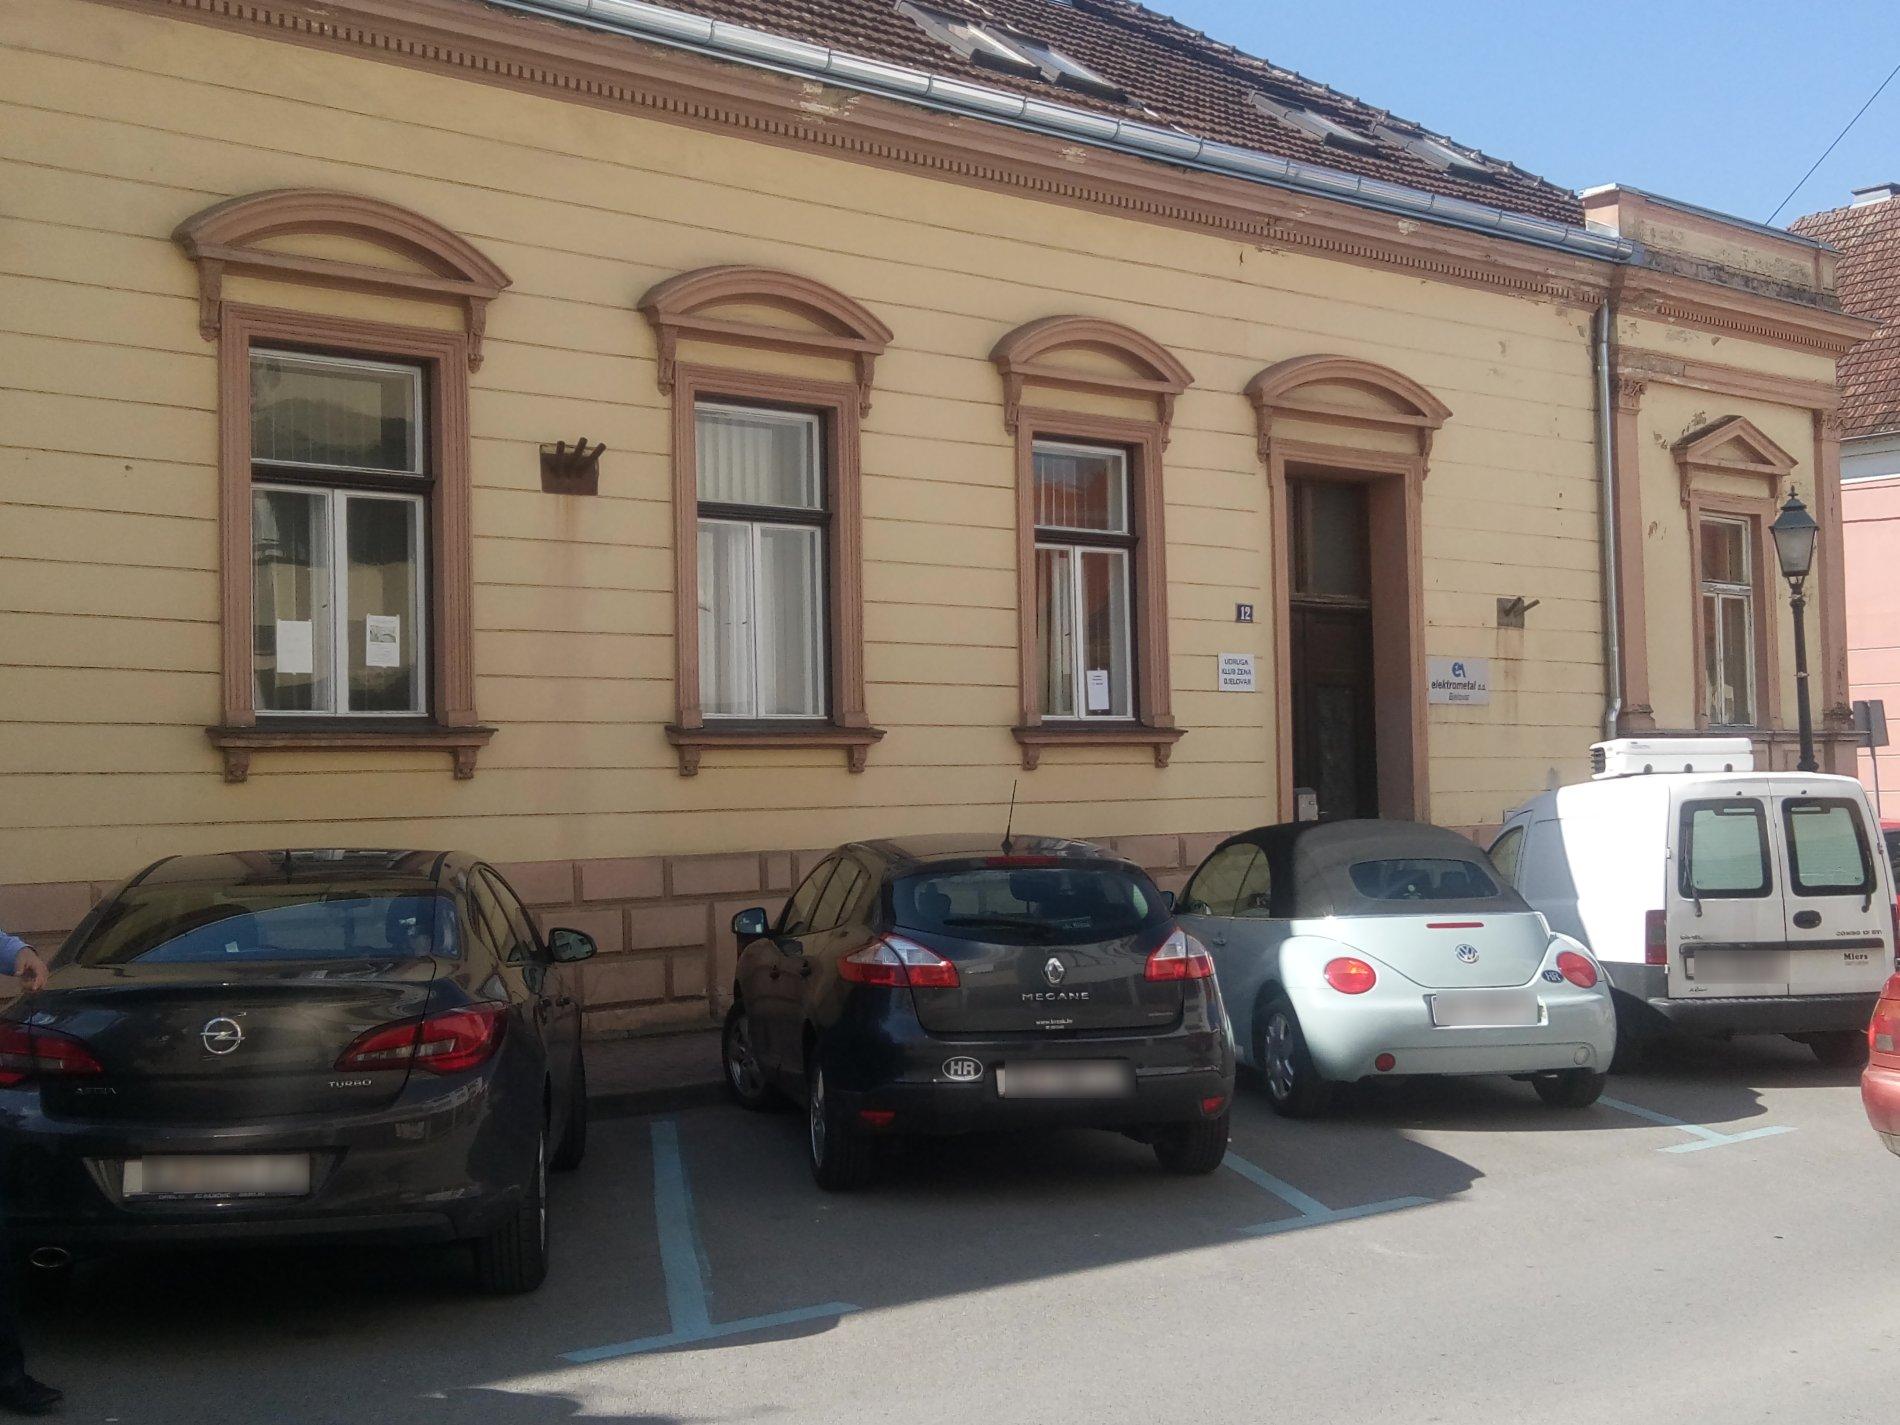 Poslovni prostori Grada Bjelovara - Ulica Ivana viteza Trnskog 12